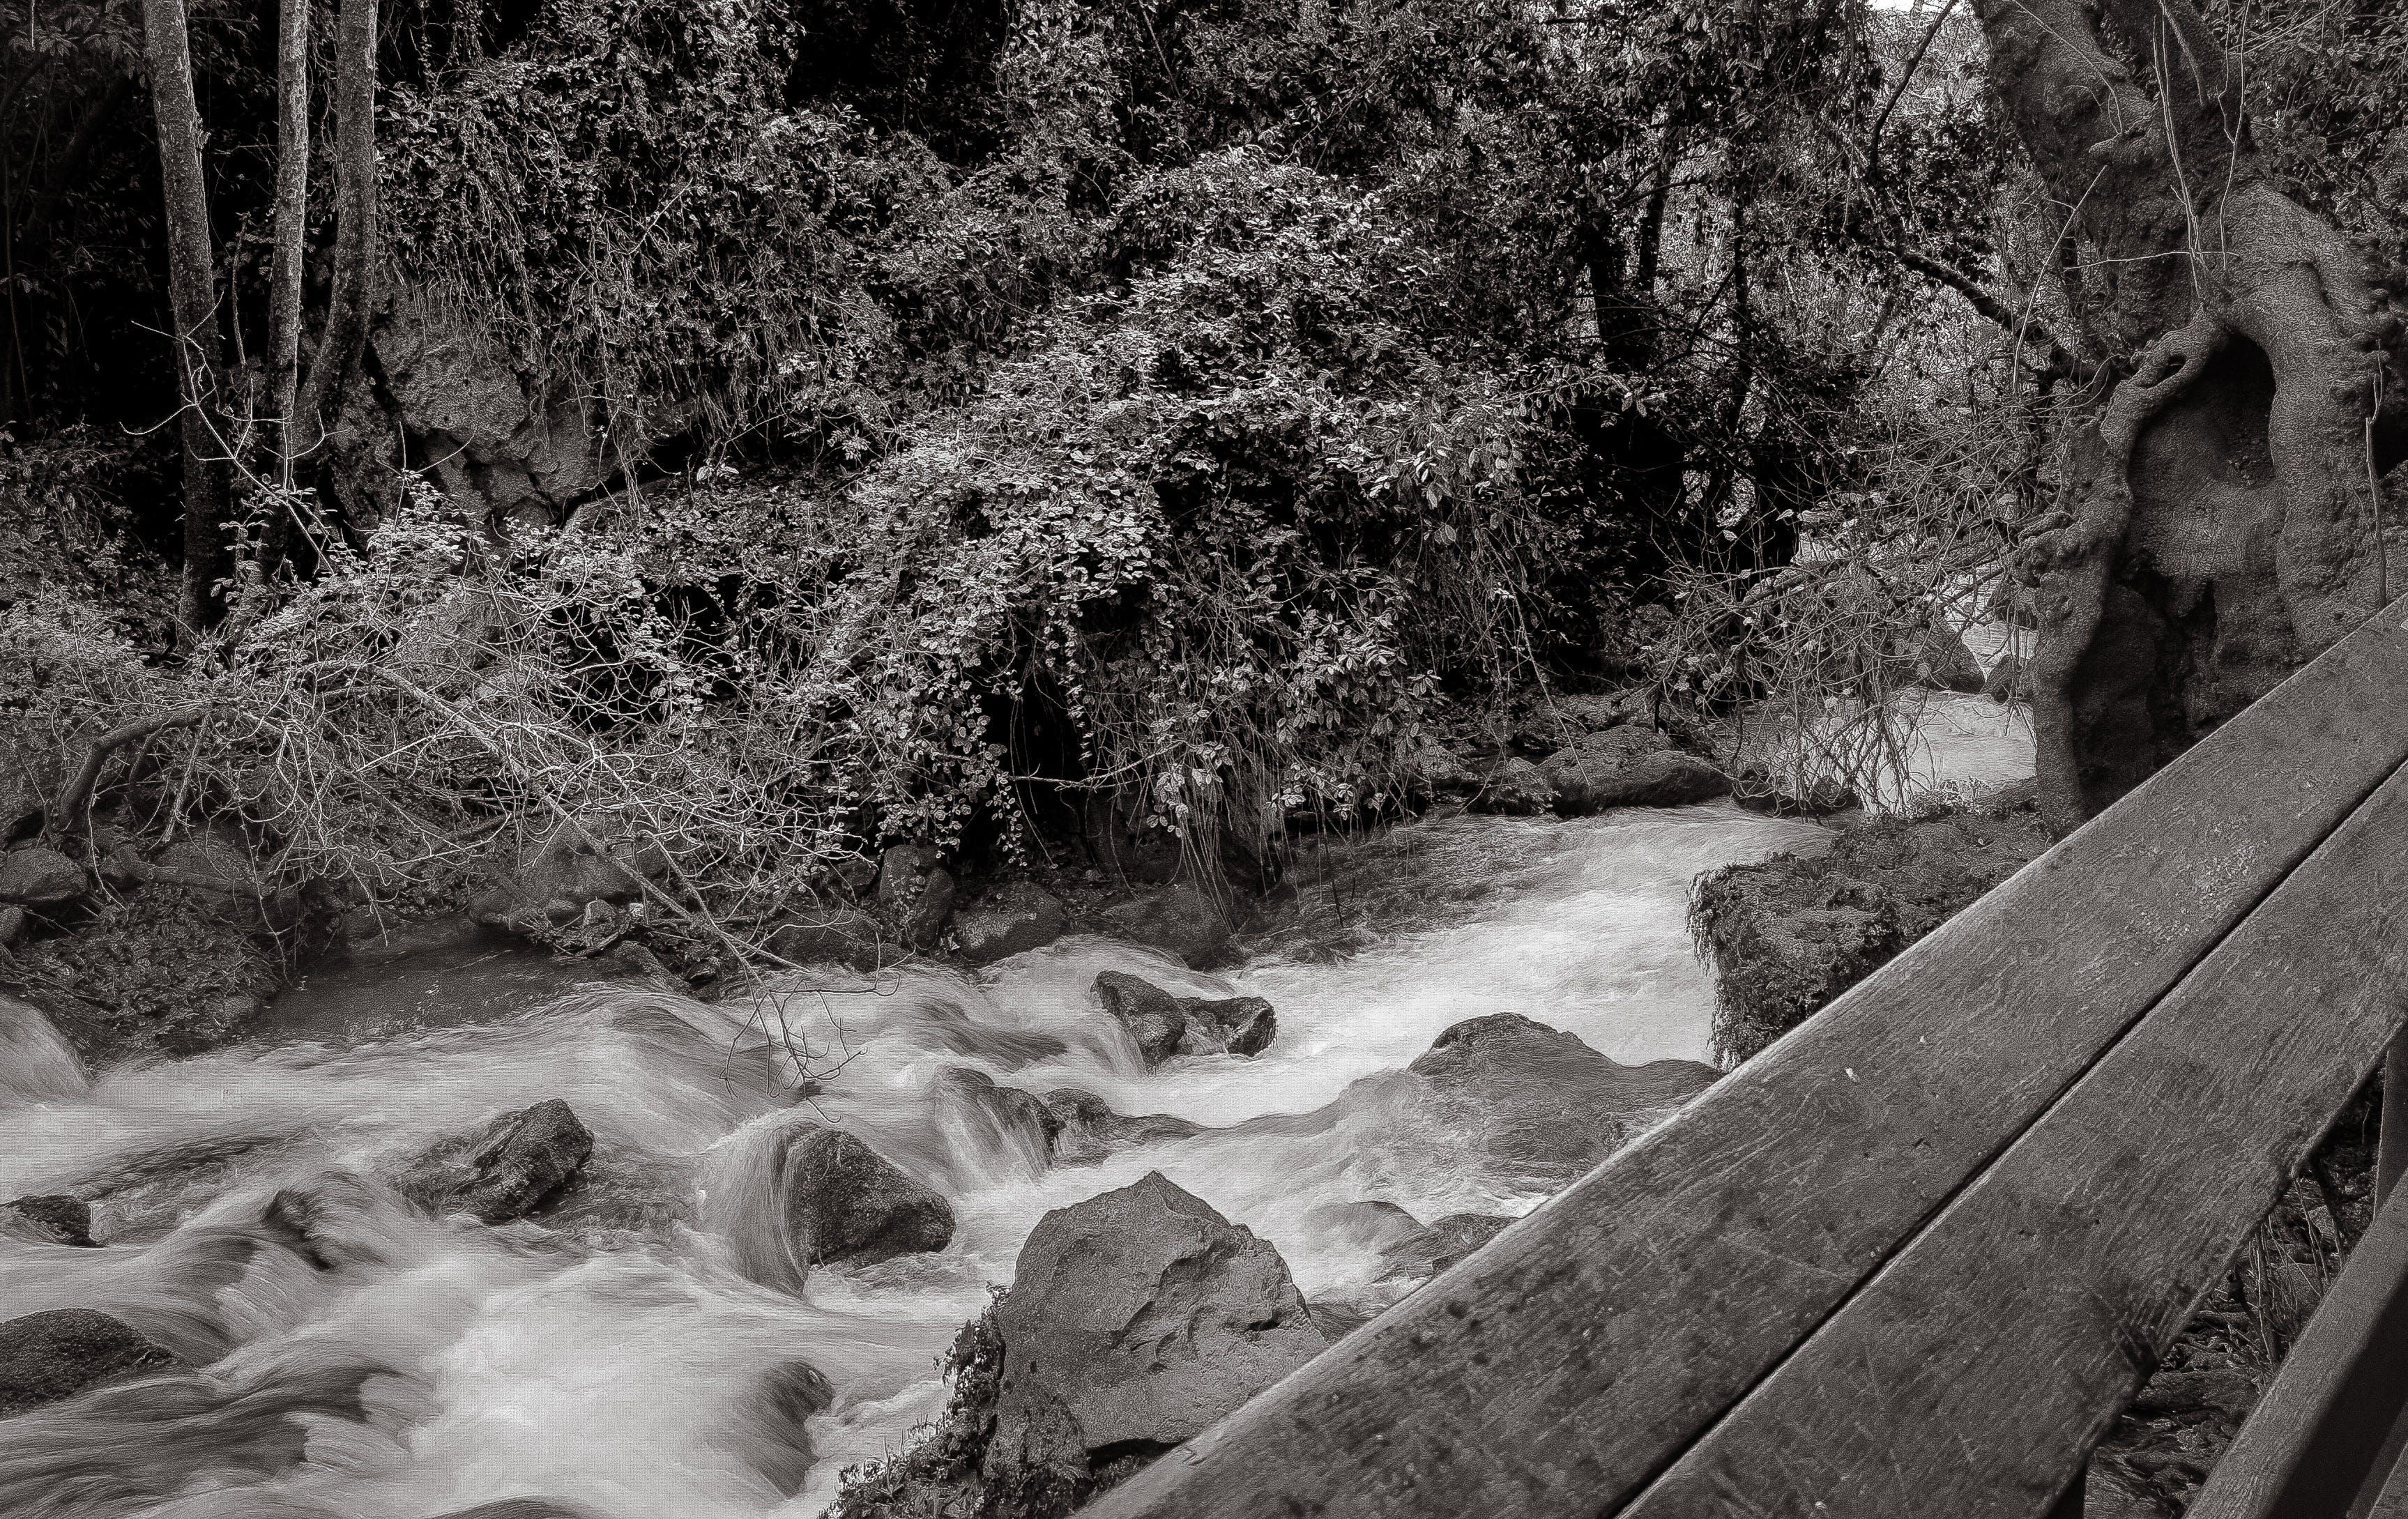 Δωρεάν στοκ φωτογραφιών με b&w, rock, βουνό, δέντρο